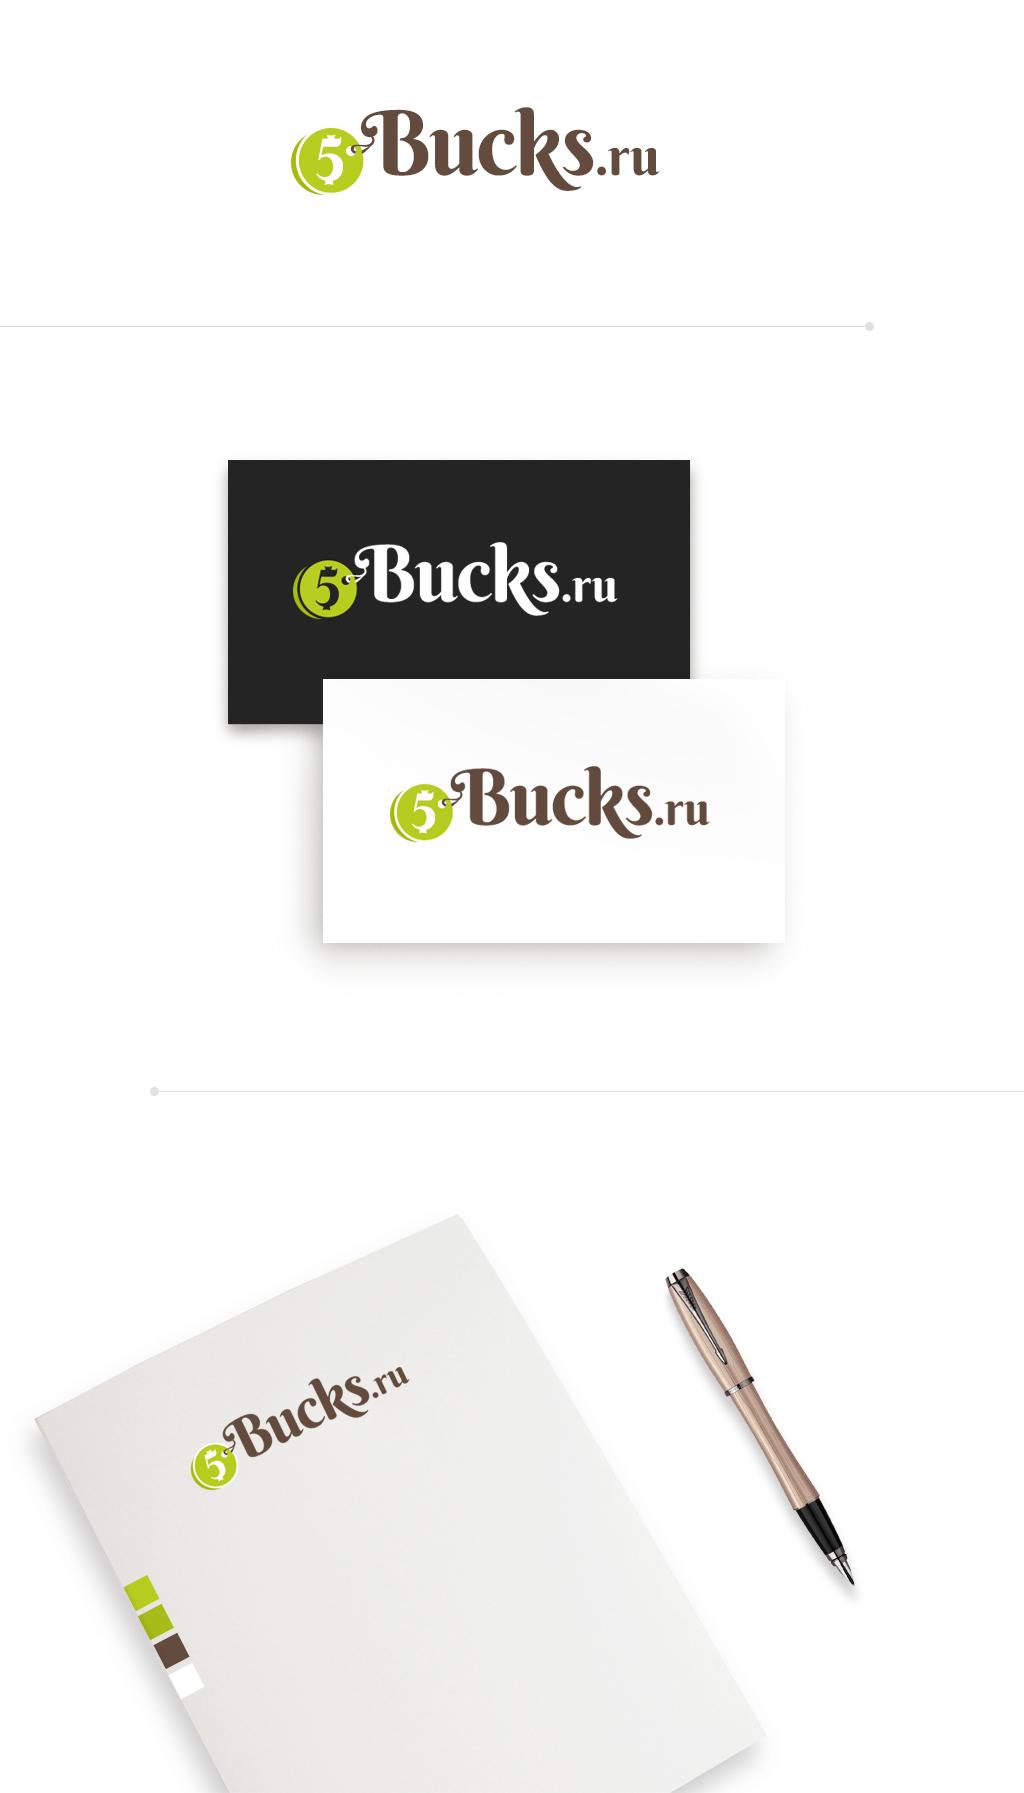 Логотип для сайта-сервиса фриланса 5bucks (3 варианта)